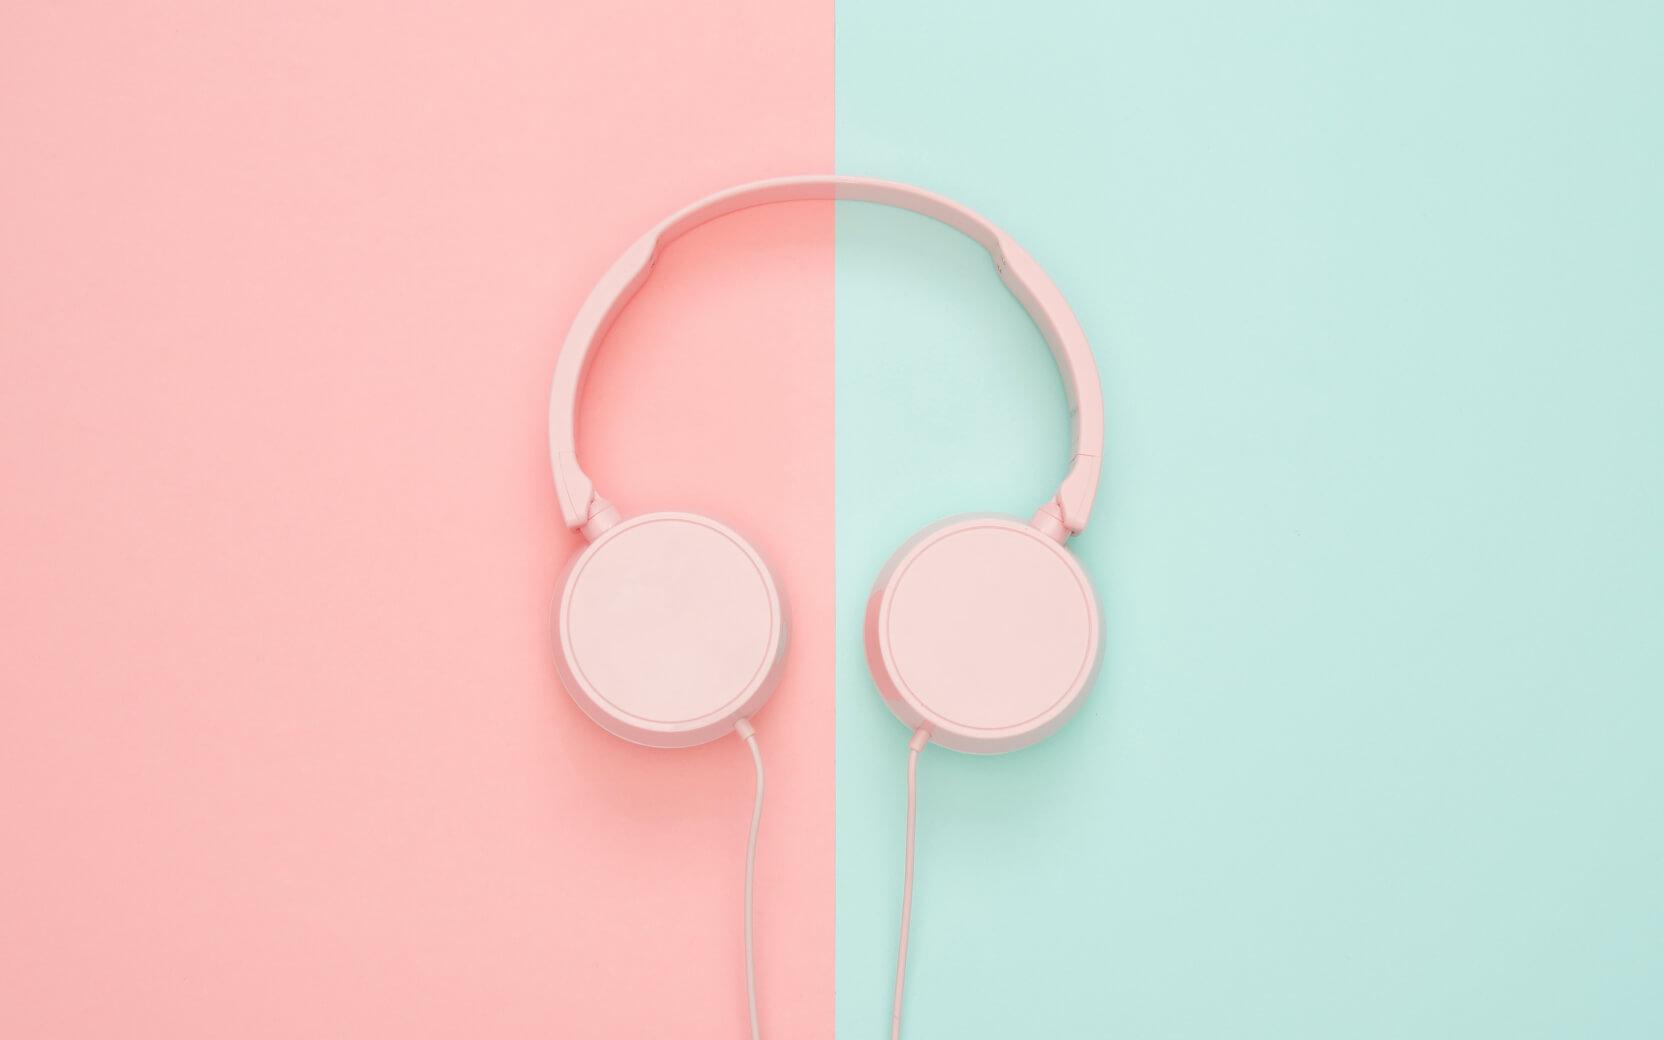 Produktfoto von einem Kopfhörer